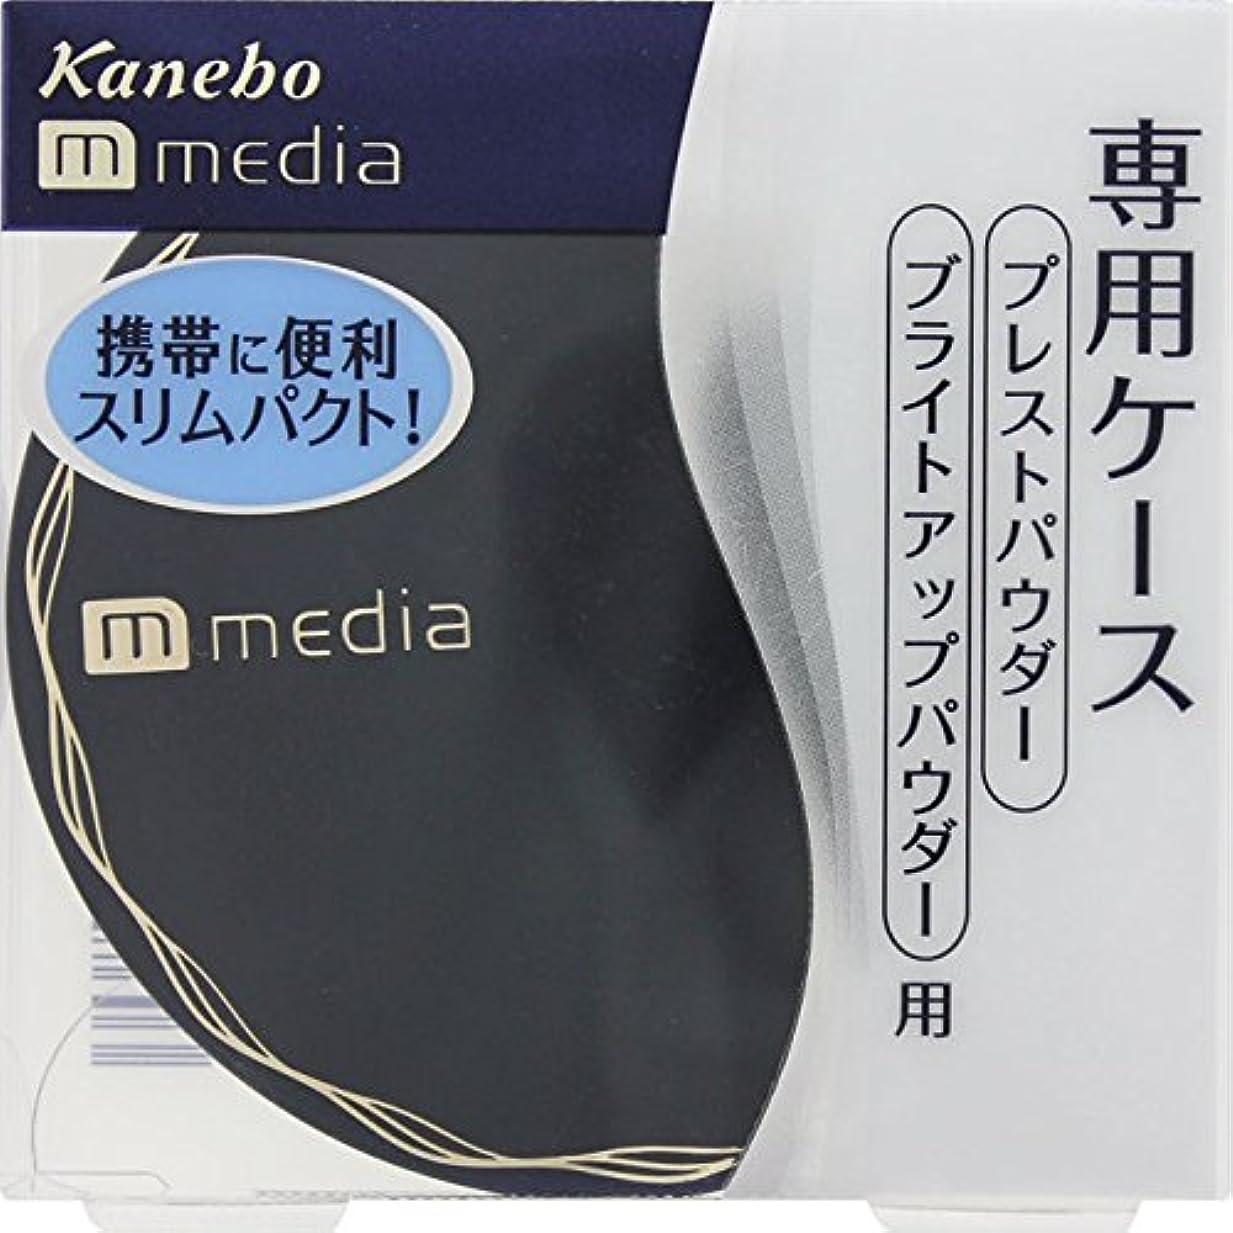 密度ティーンエイジャーミュートカネボウ(Kanebo) メディア プレストパウダー用ケース